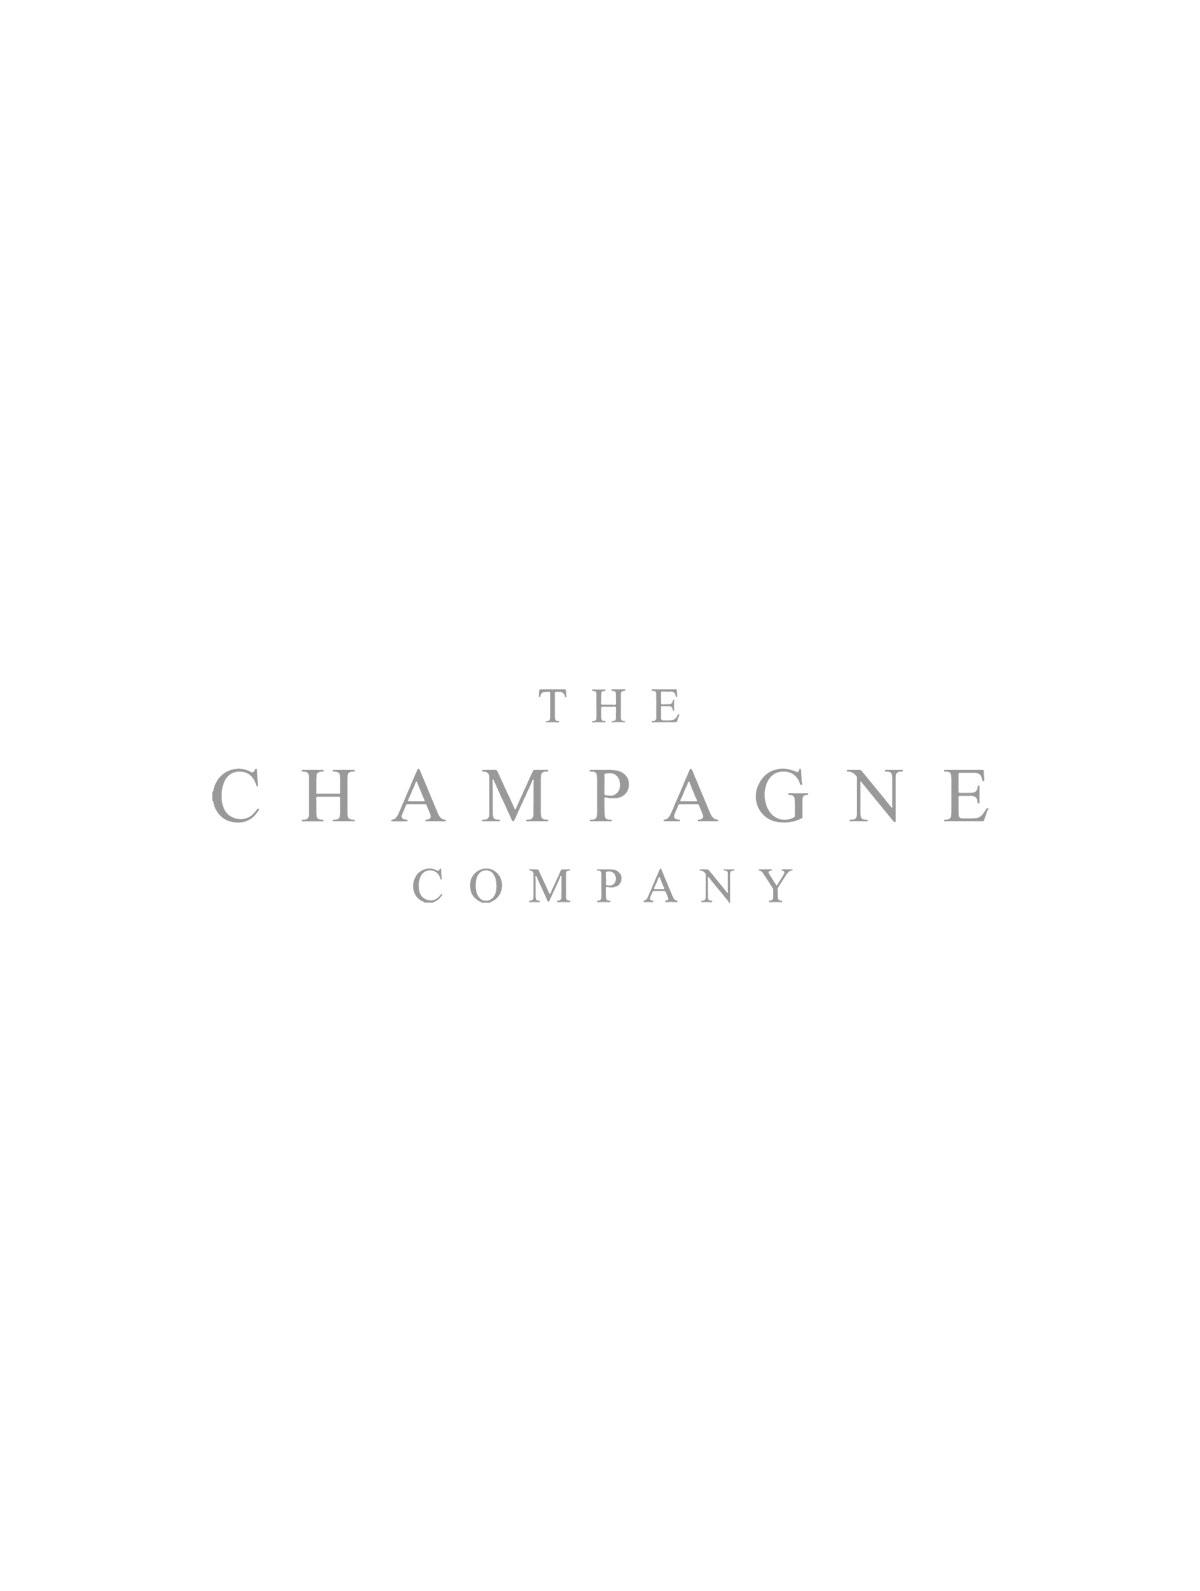 Havana Club Seleccion de Maestros Rum 70cl Gift Box